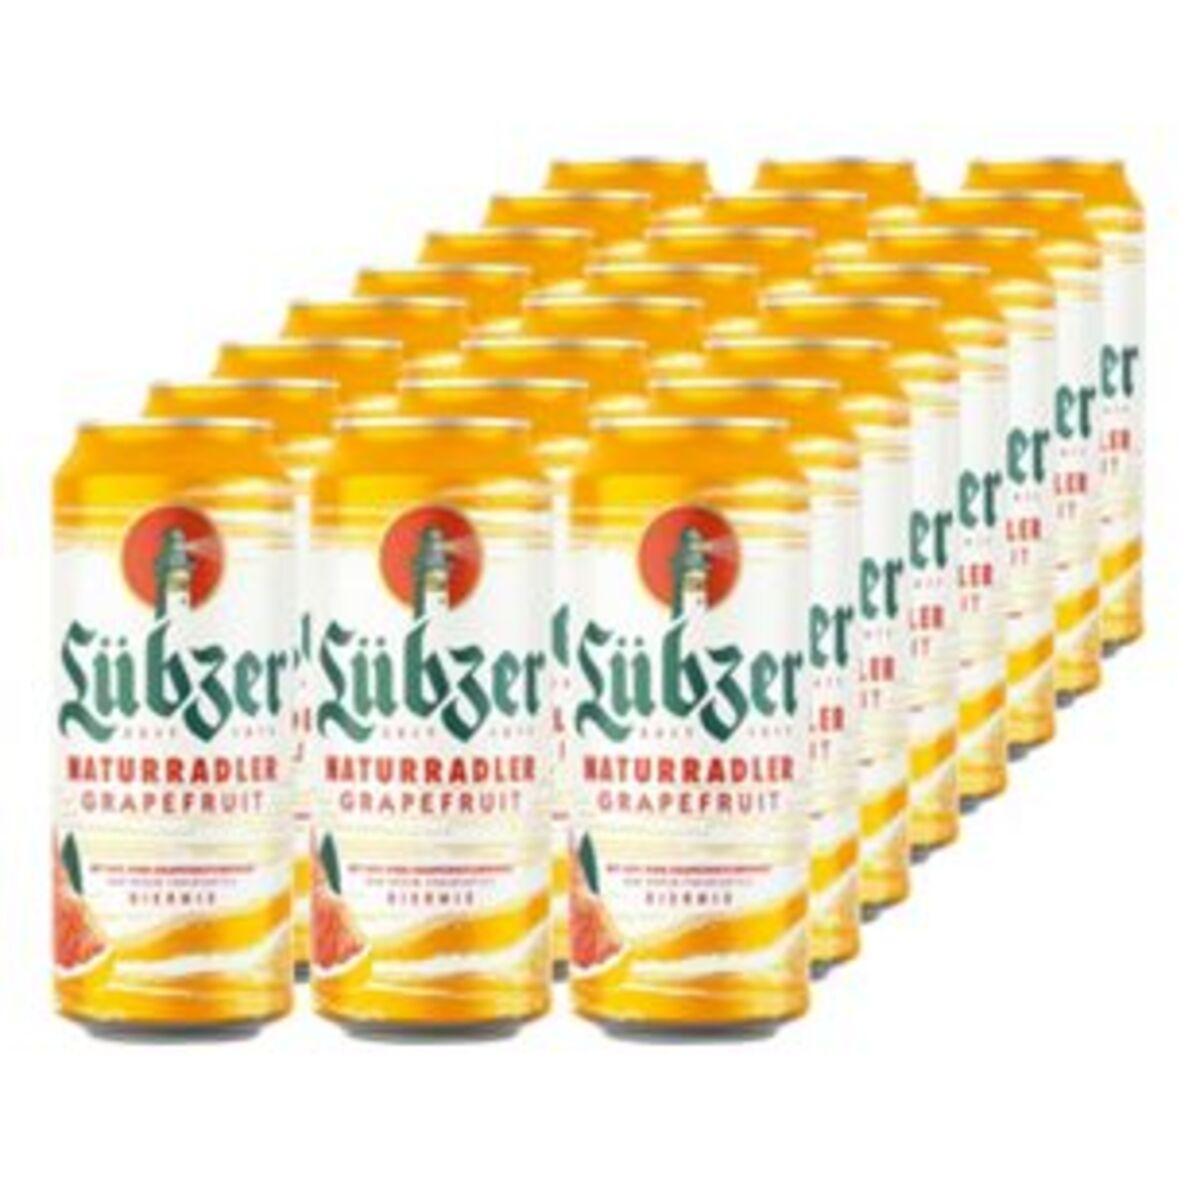 Bild 2 von Lübzer Grapefruit 2,0 % vol 0,5 Liter Dose, 24er Pack